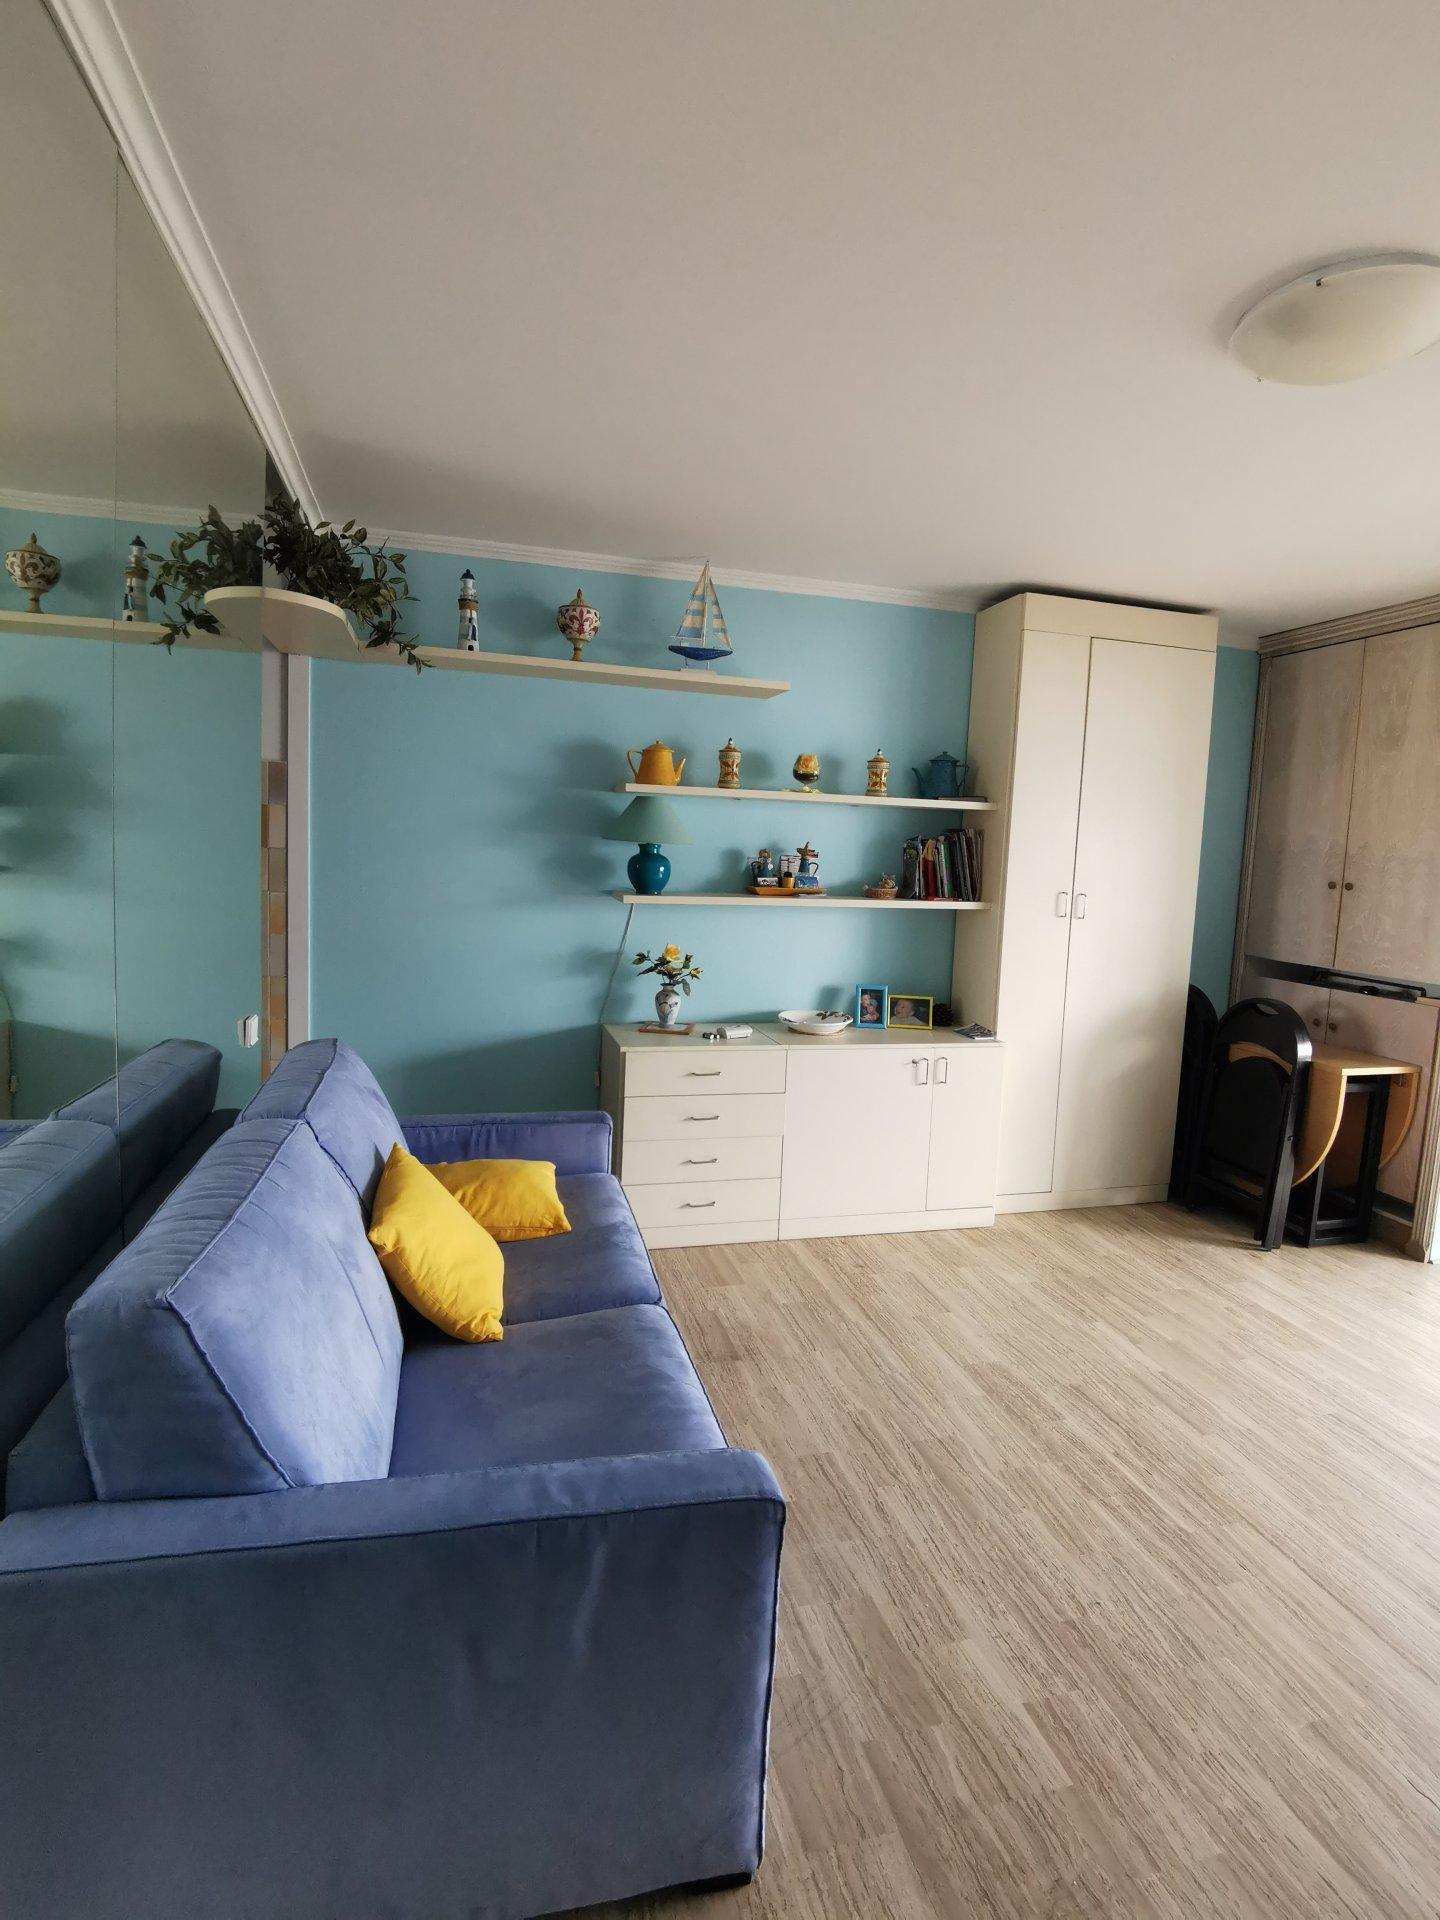 Продажа Квартира - Сен-Лоран-дю-Вар (Saint-Laurent-du-Var)